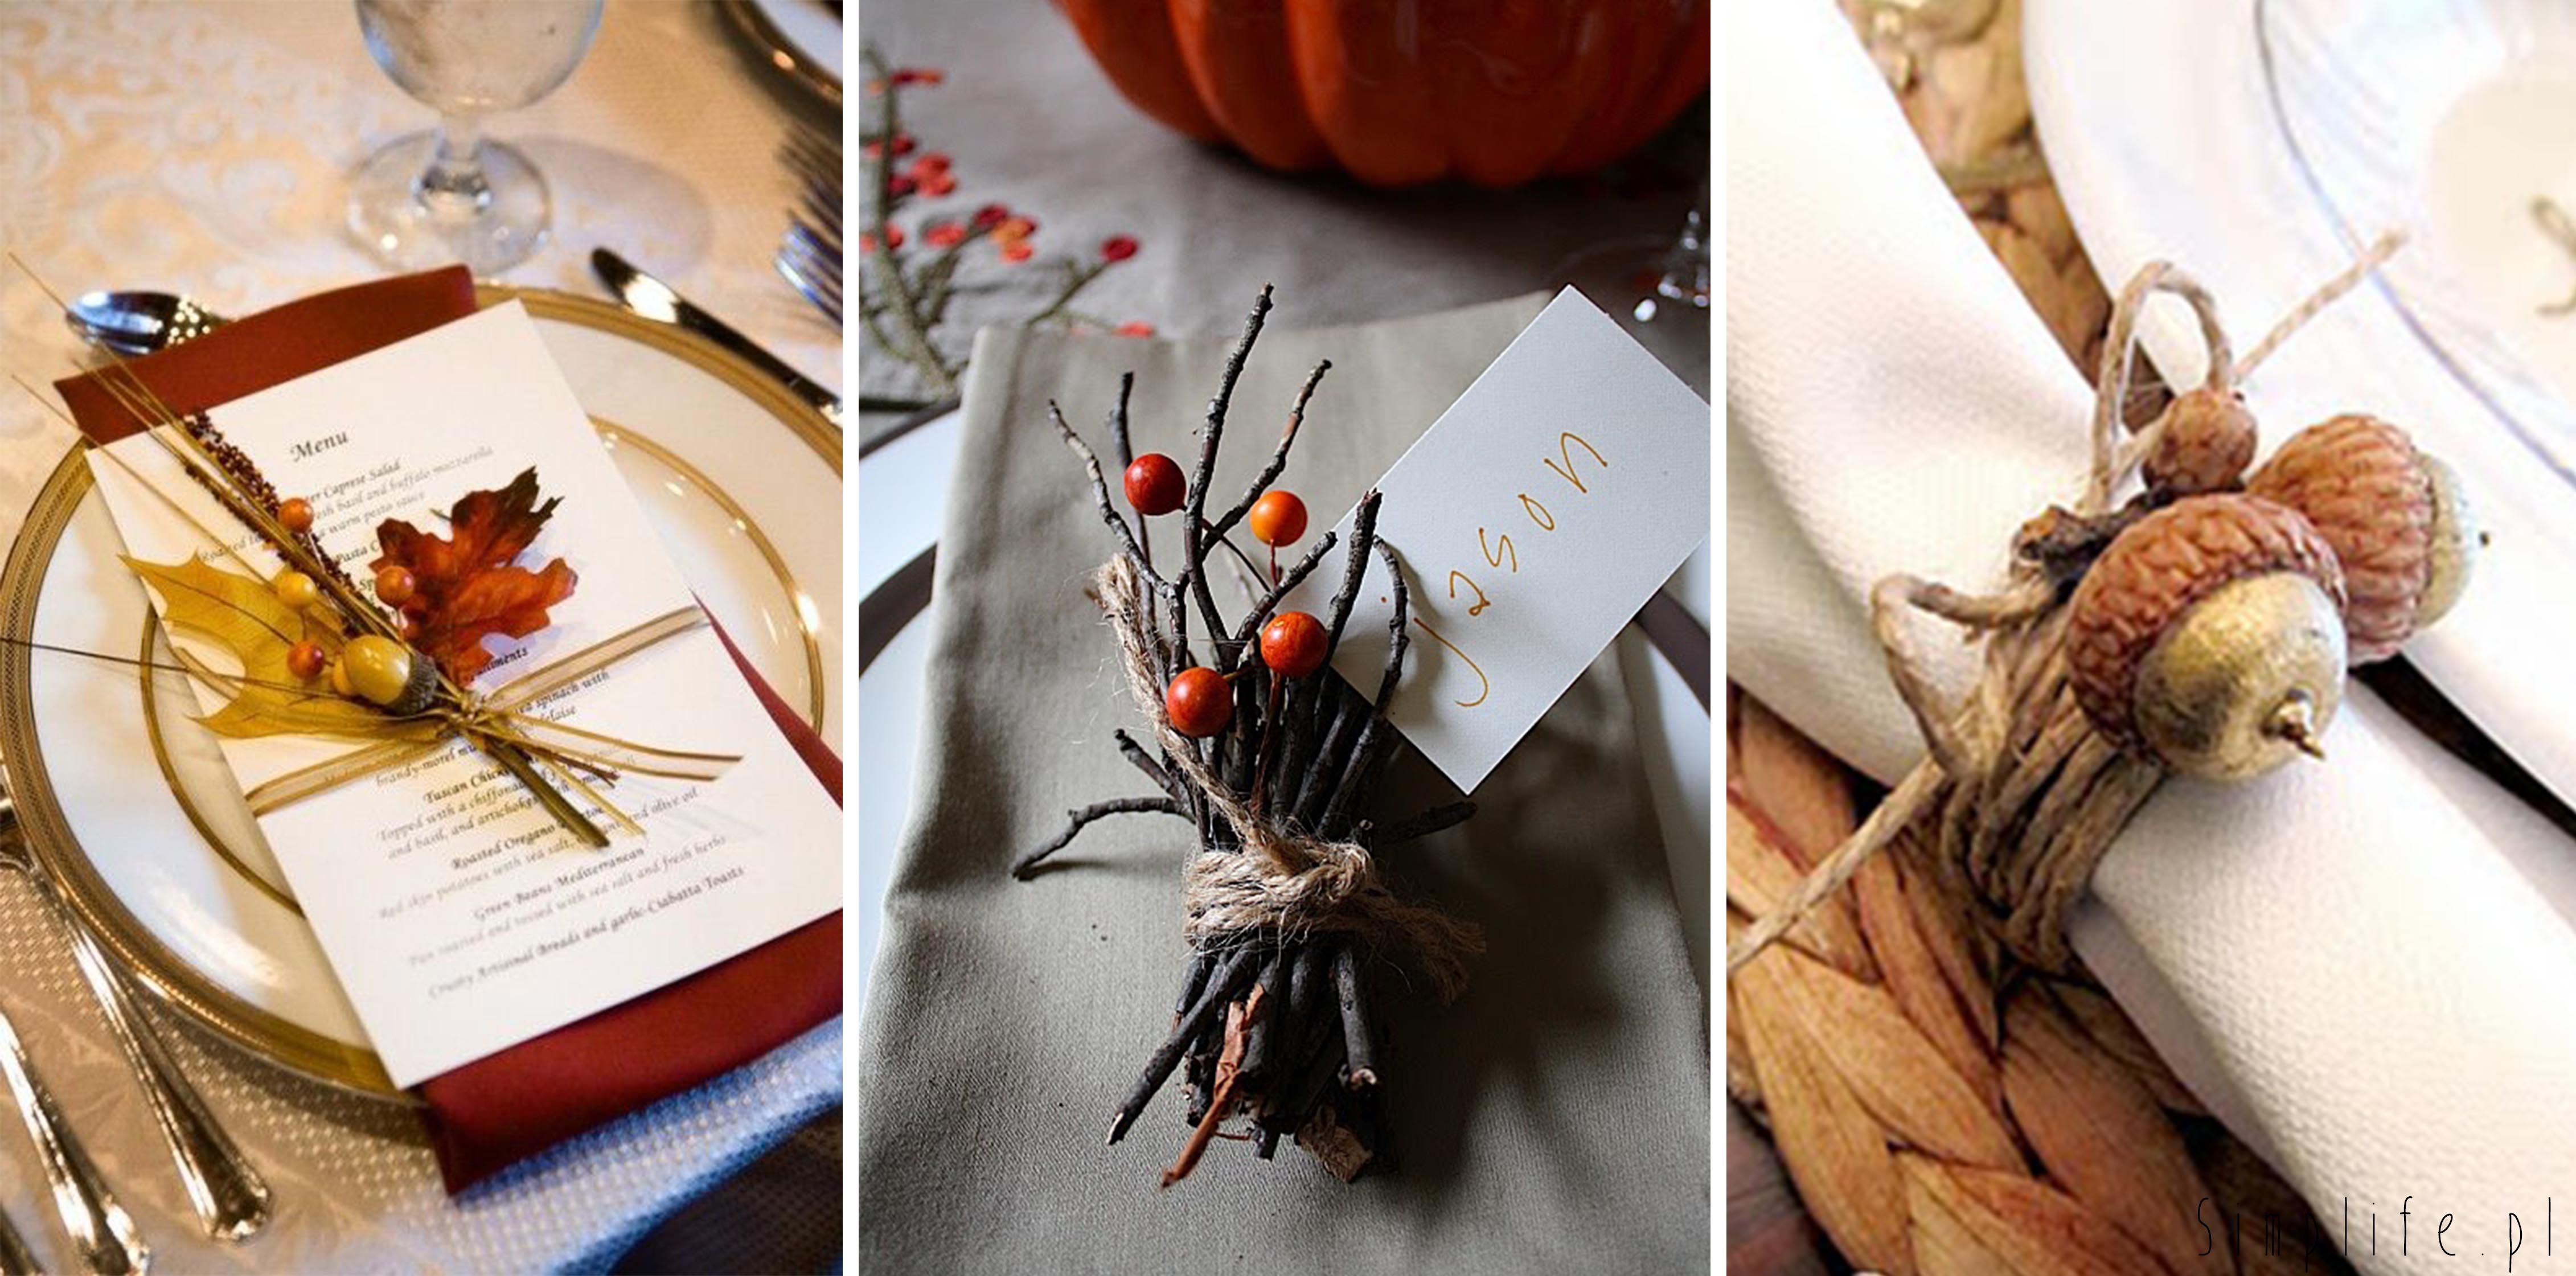 Wesele W Listopadzie Czyli ślub W Kolorach Jesieni Simplifepl